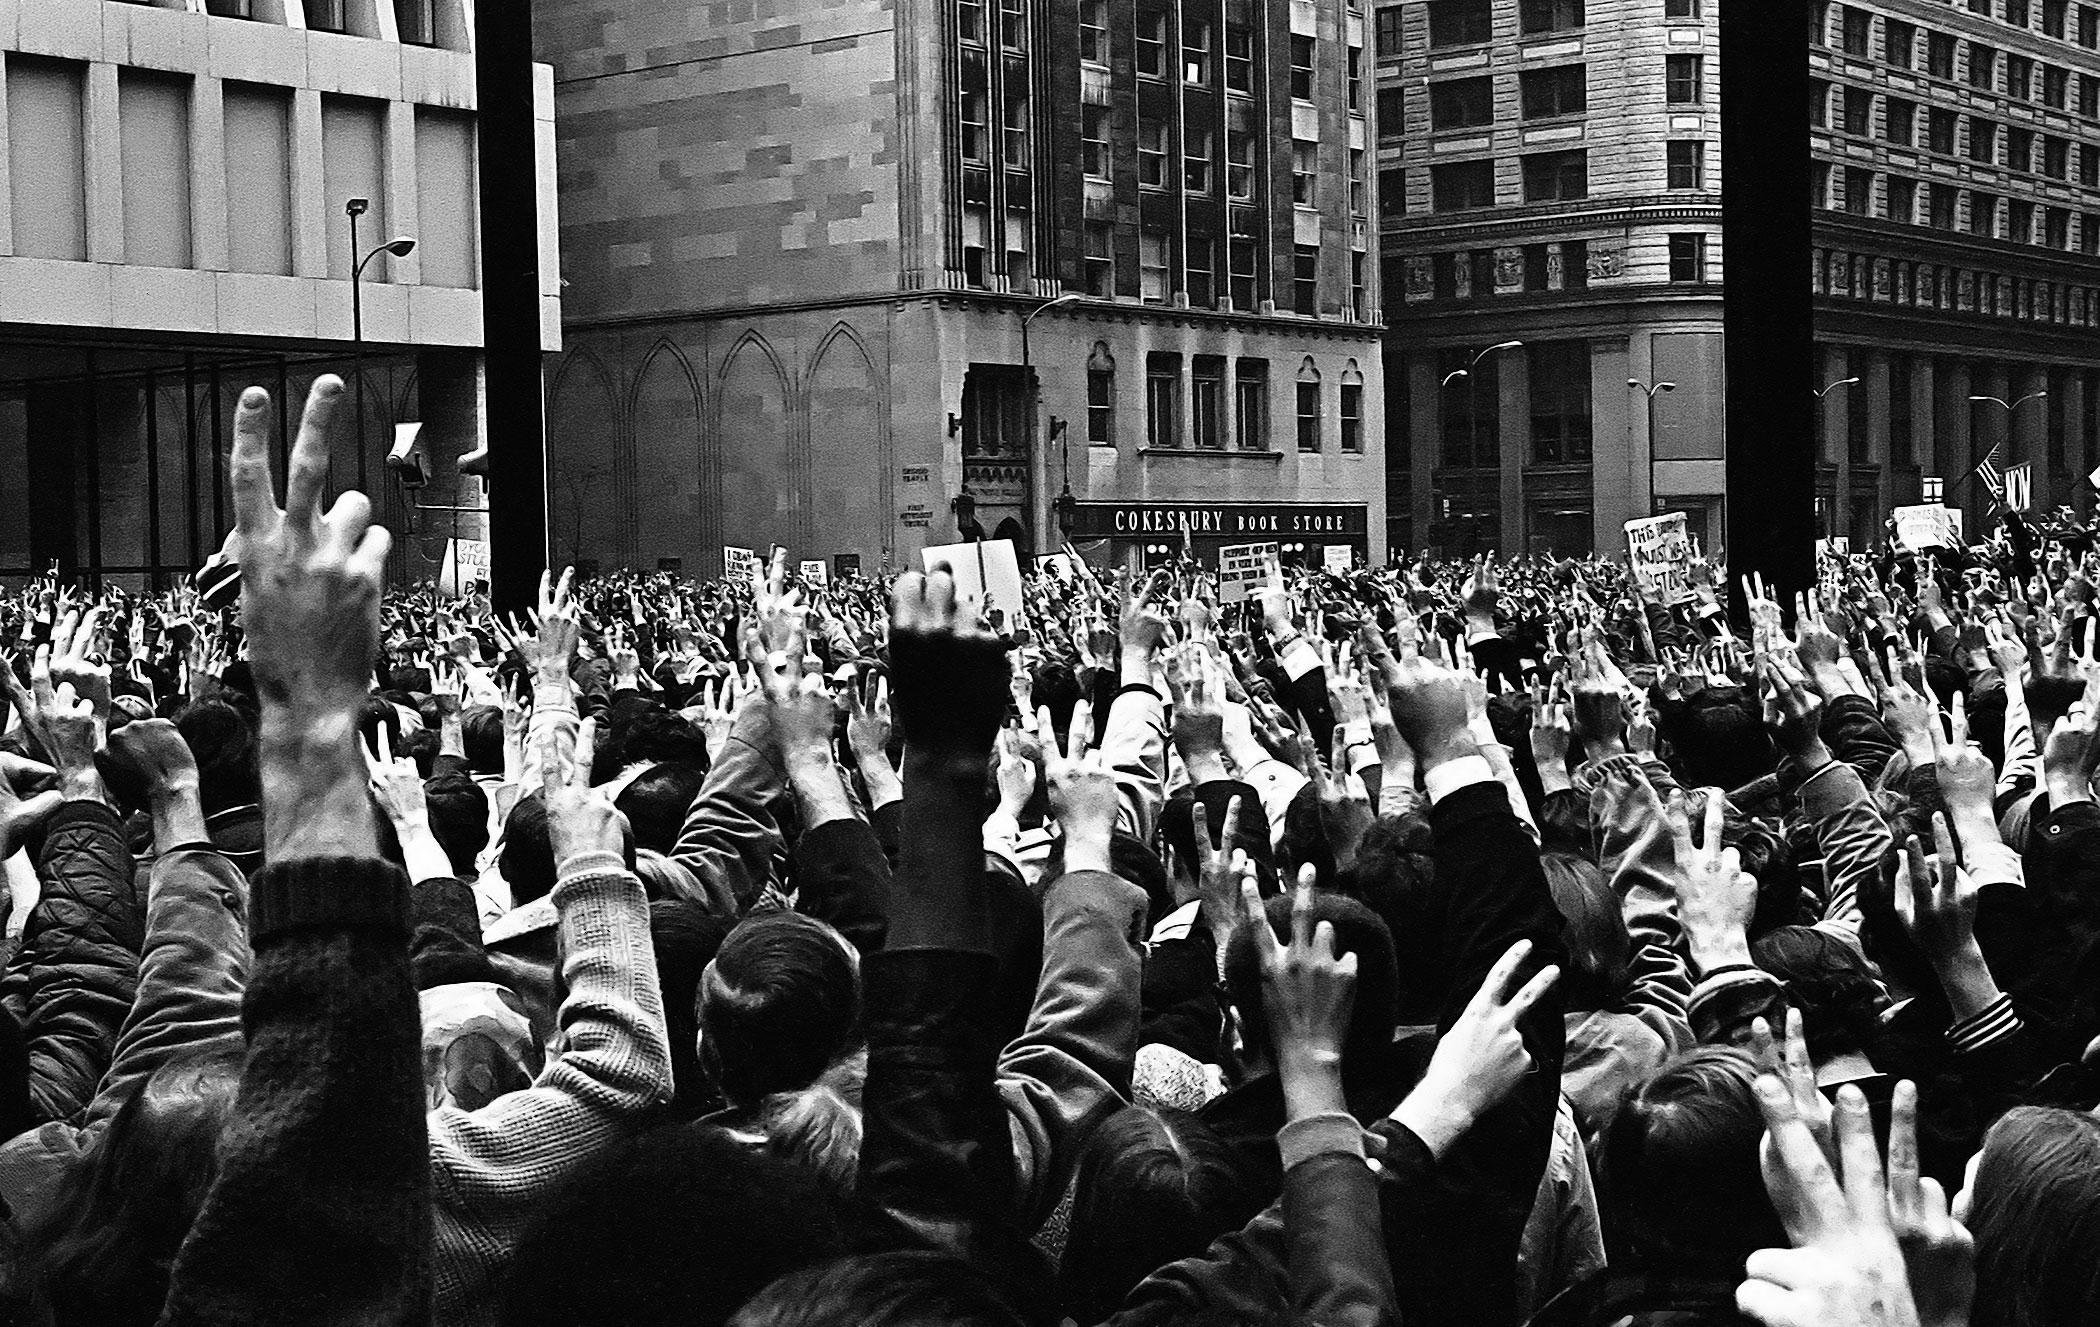 Resist digitizing photographs l - capnvideo | ello